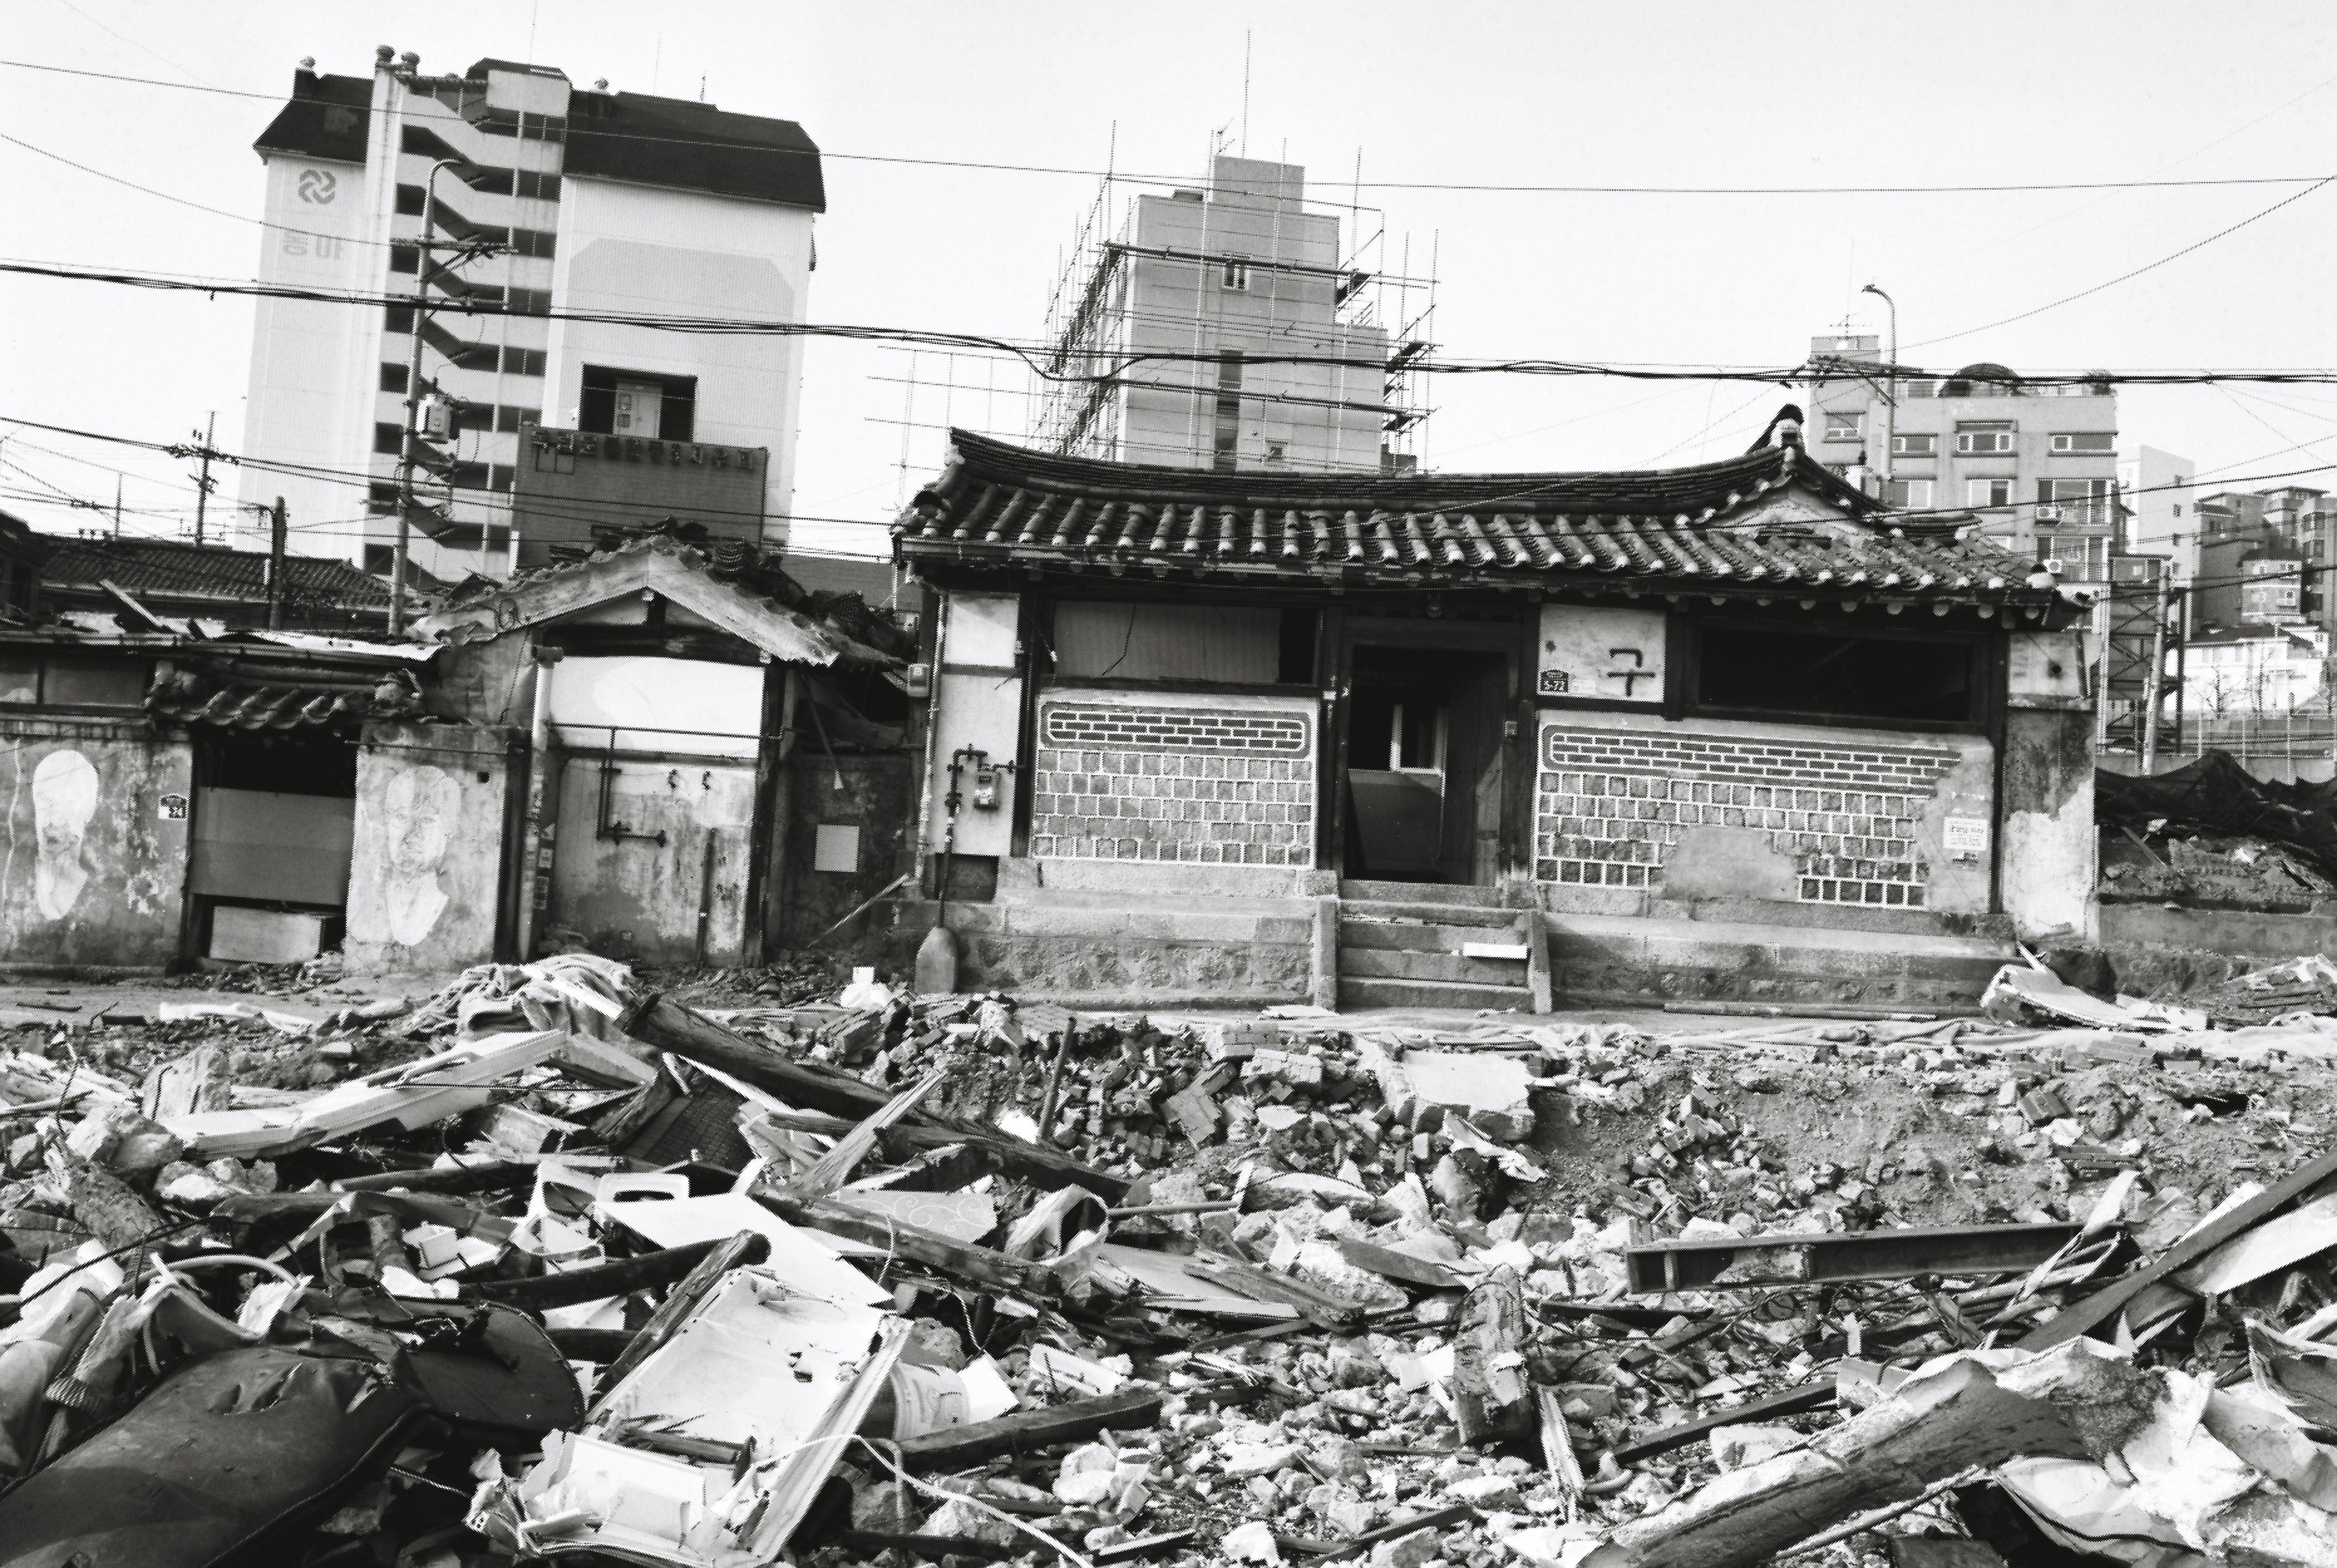 Gyonam-dong 7